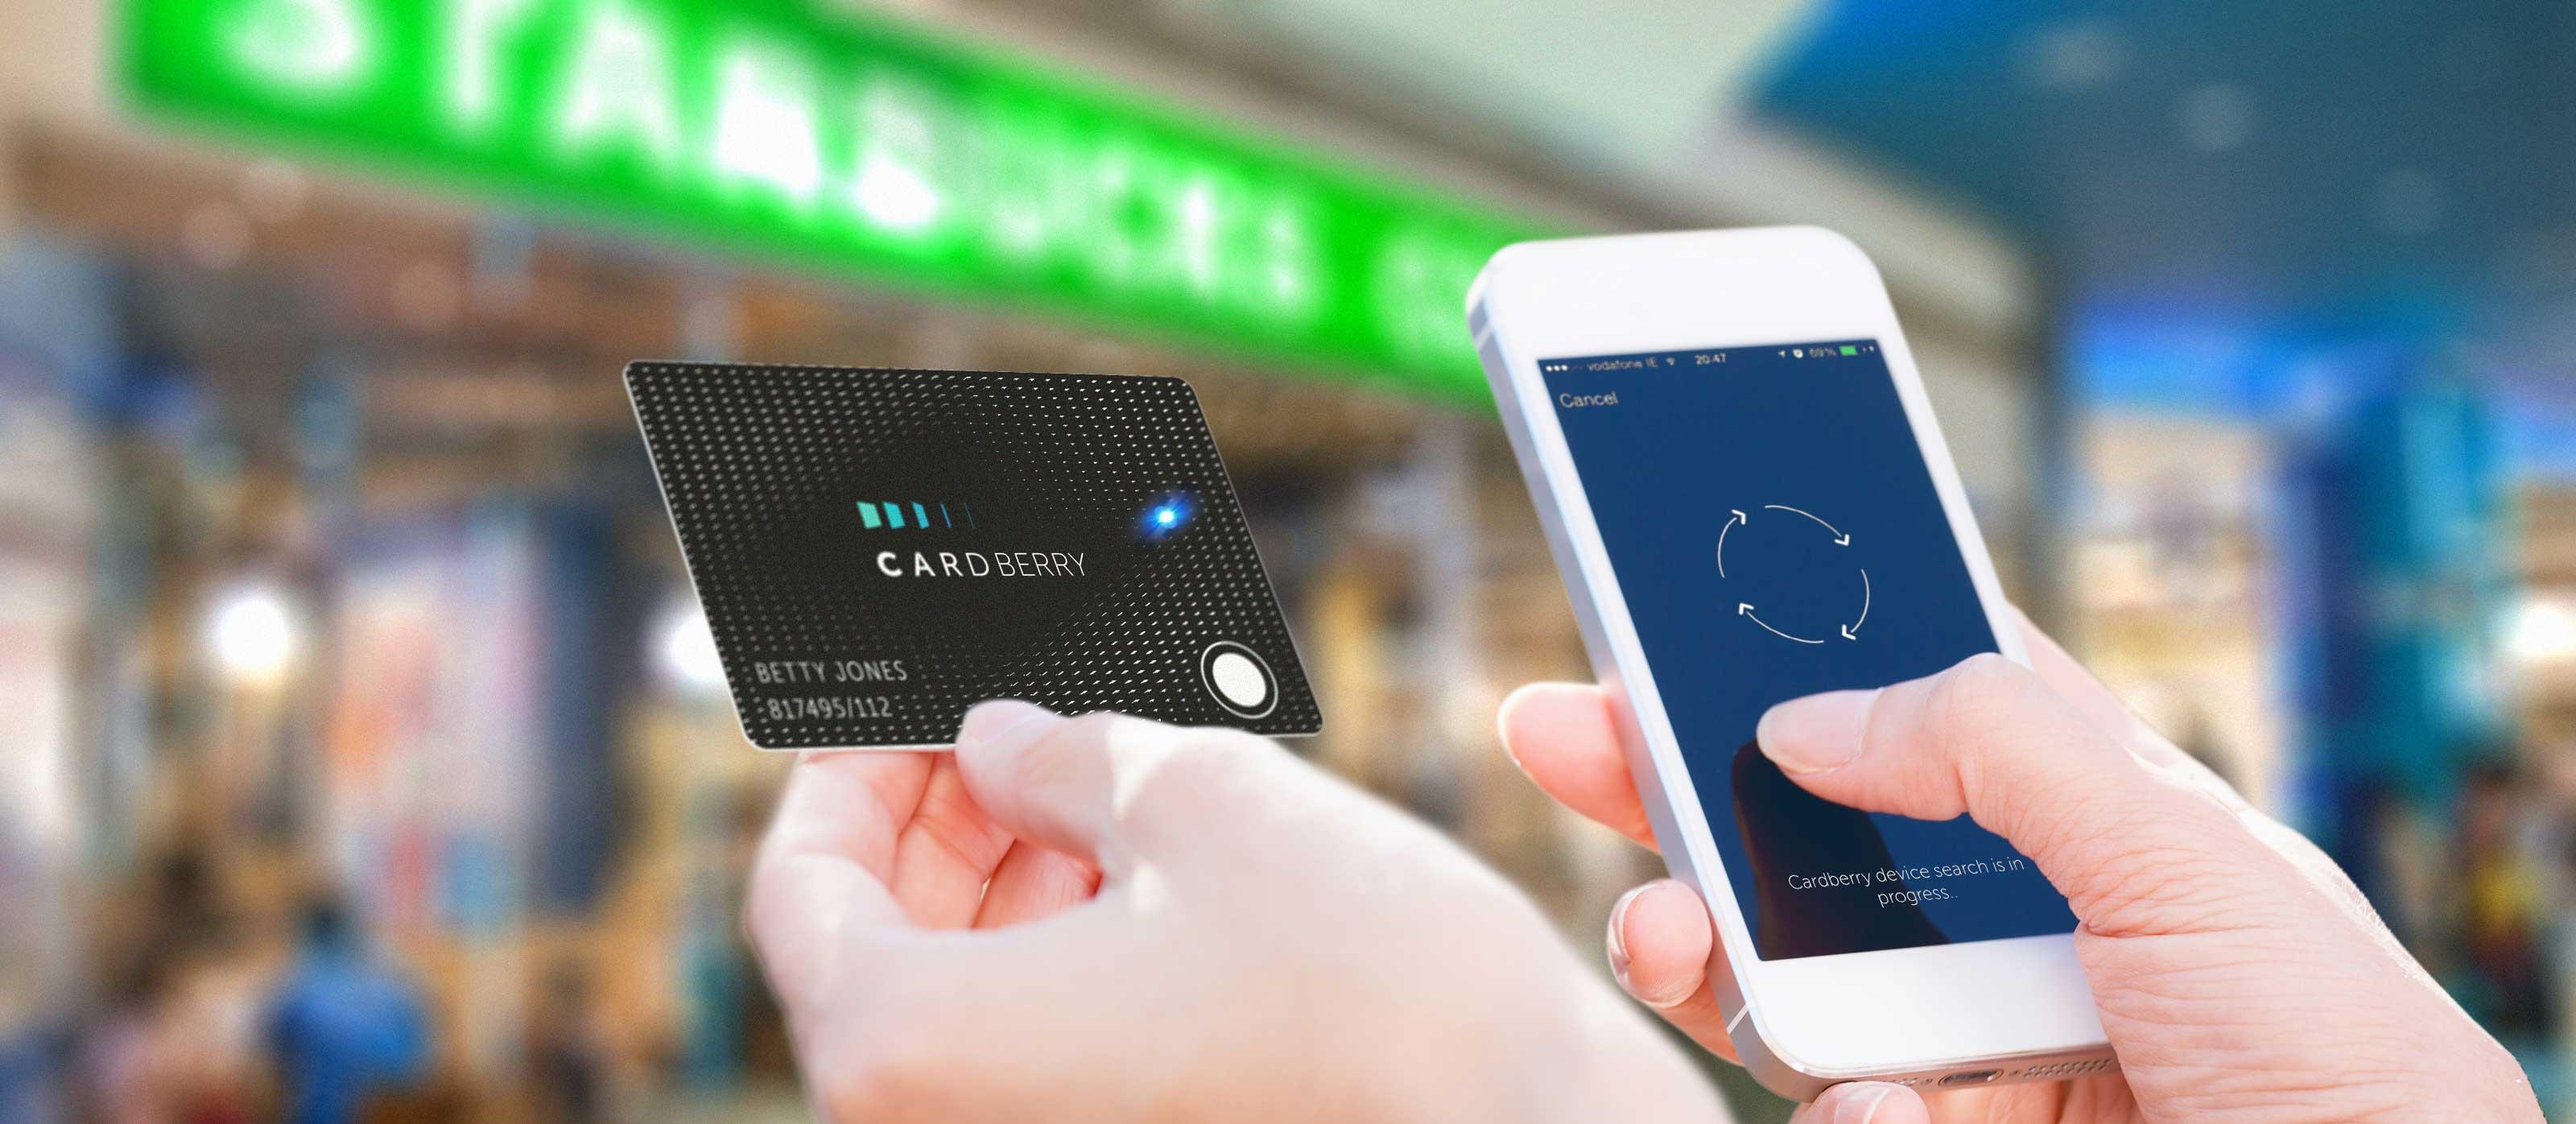 CardBerry и смартфон в руке